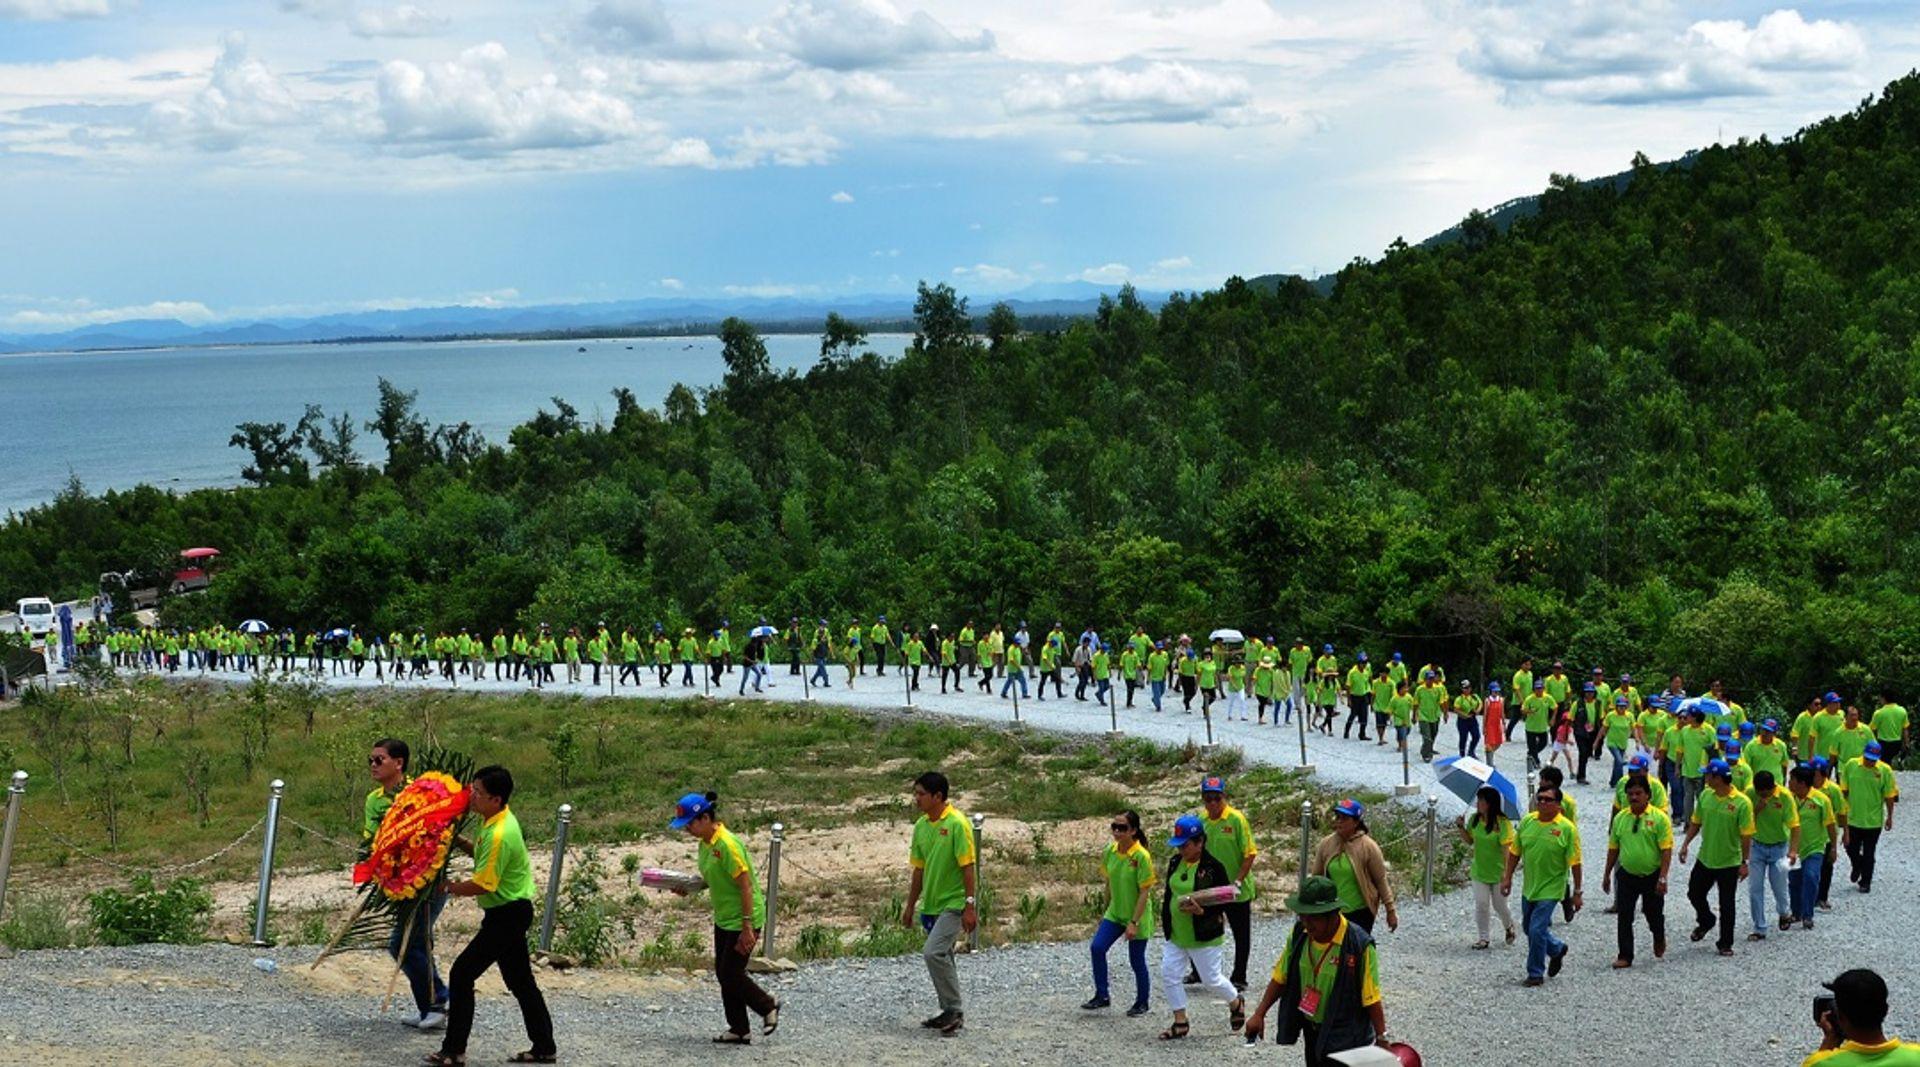 Rất nhiều người ghé thăm đảo Yến để viếng lăng mộ Đại tướng Võ Nguyên Giáp